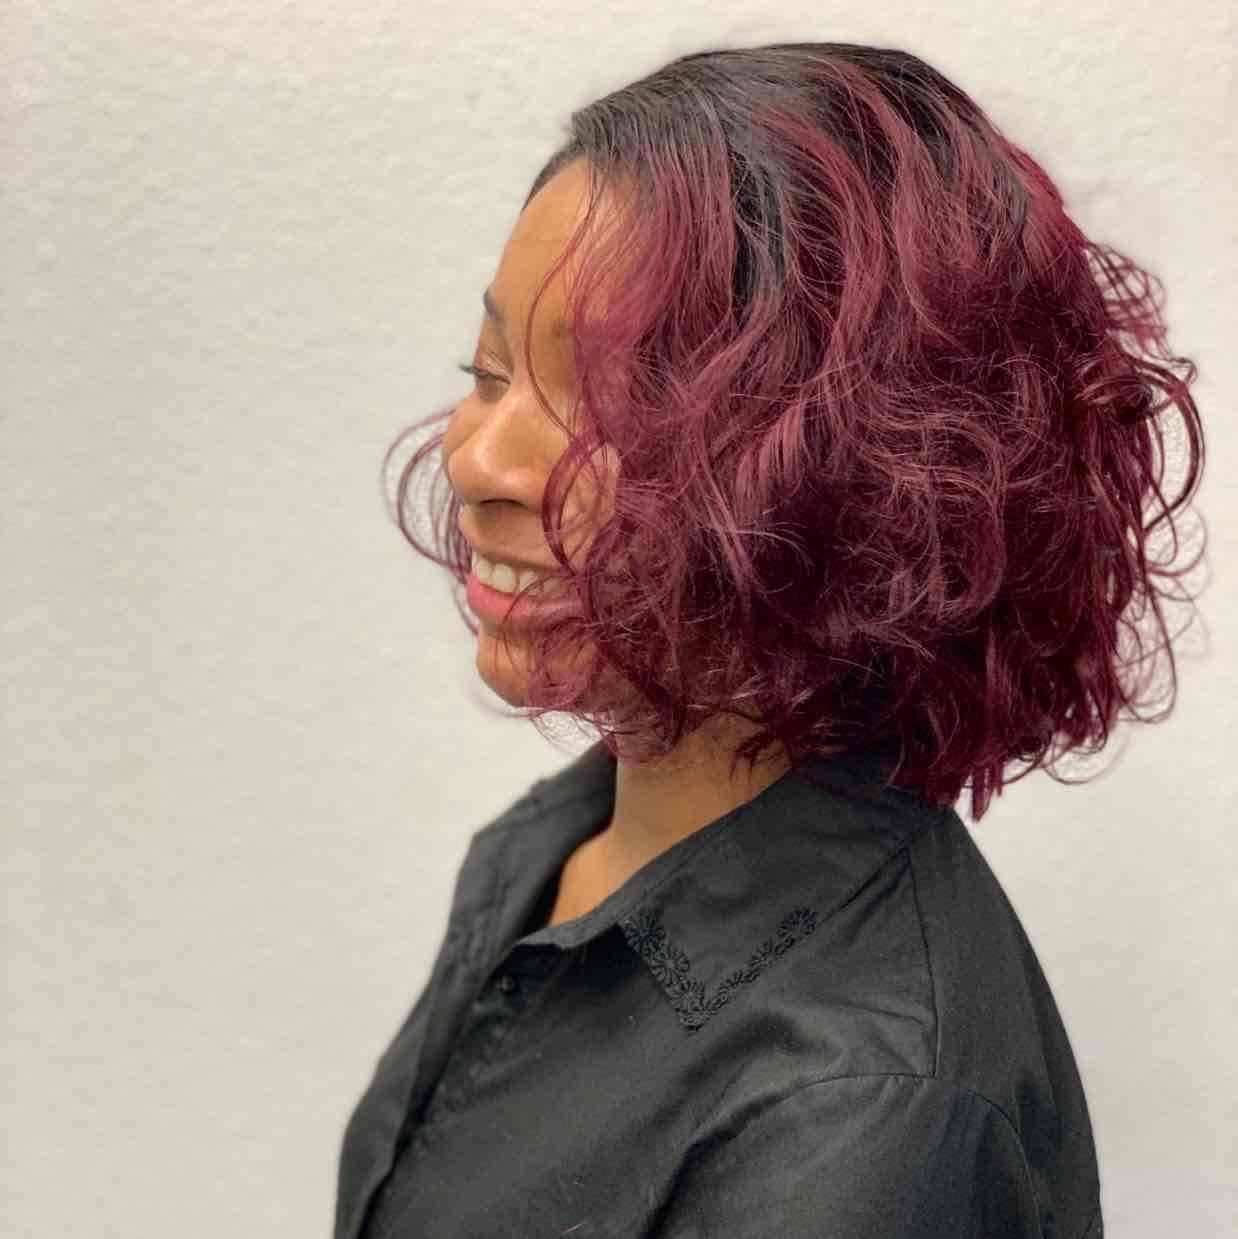 salon de coiffure afro tresse tresses box braids crochet braids vanilles tissages paris 75 77 78 91 92 93 94 95 ONXZUWJM